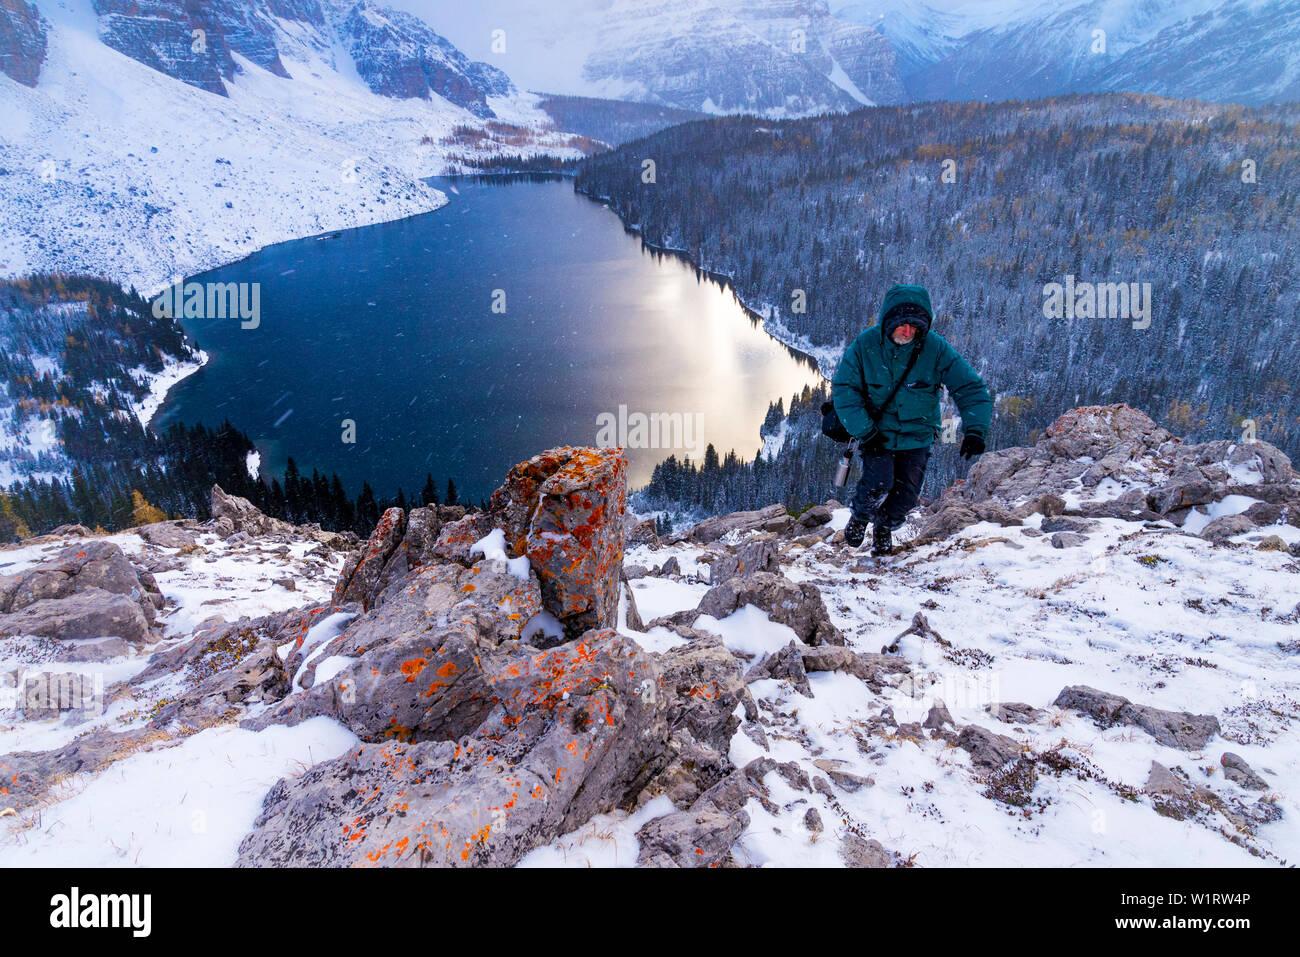 Menschen wandern in der winterlichen Witterung, die Nublet, Mount Assiniboine Provincial Park, British Columbia, Kanada Stockfoto